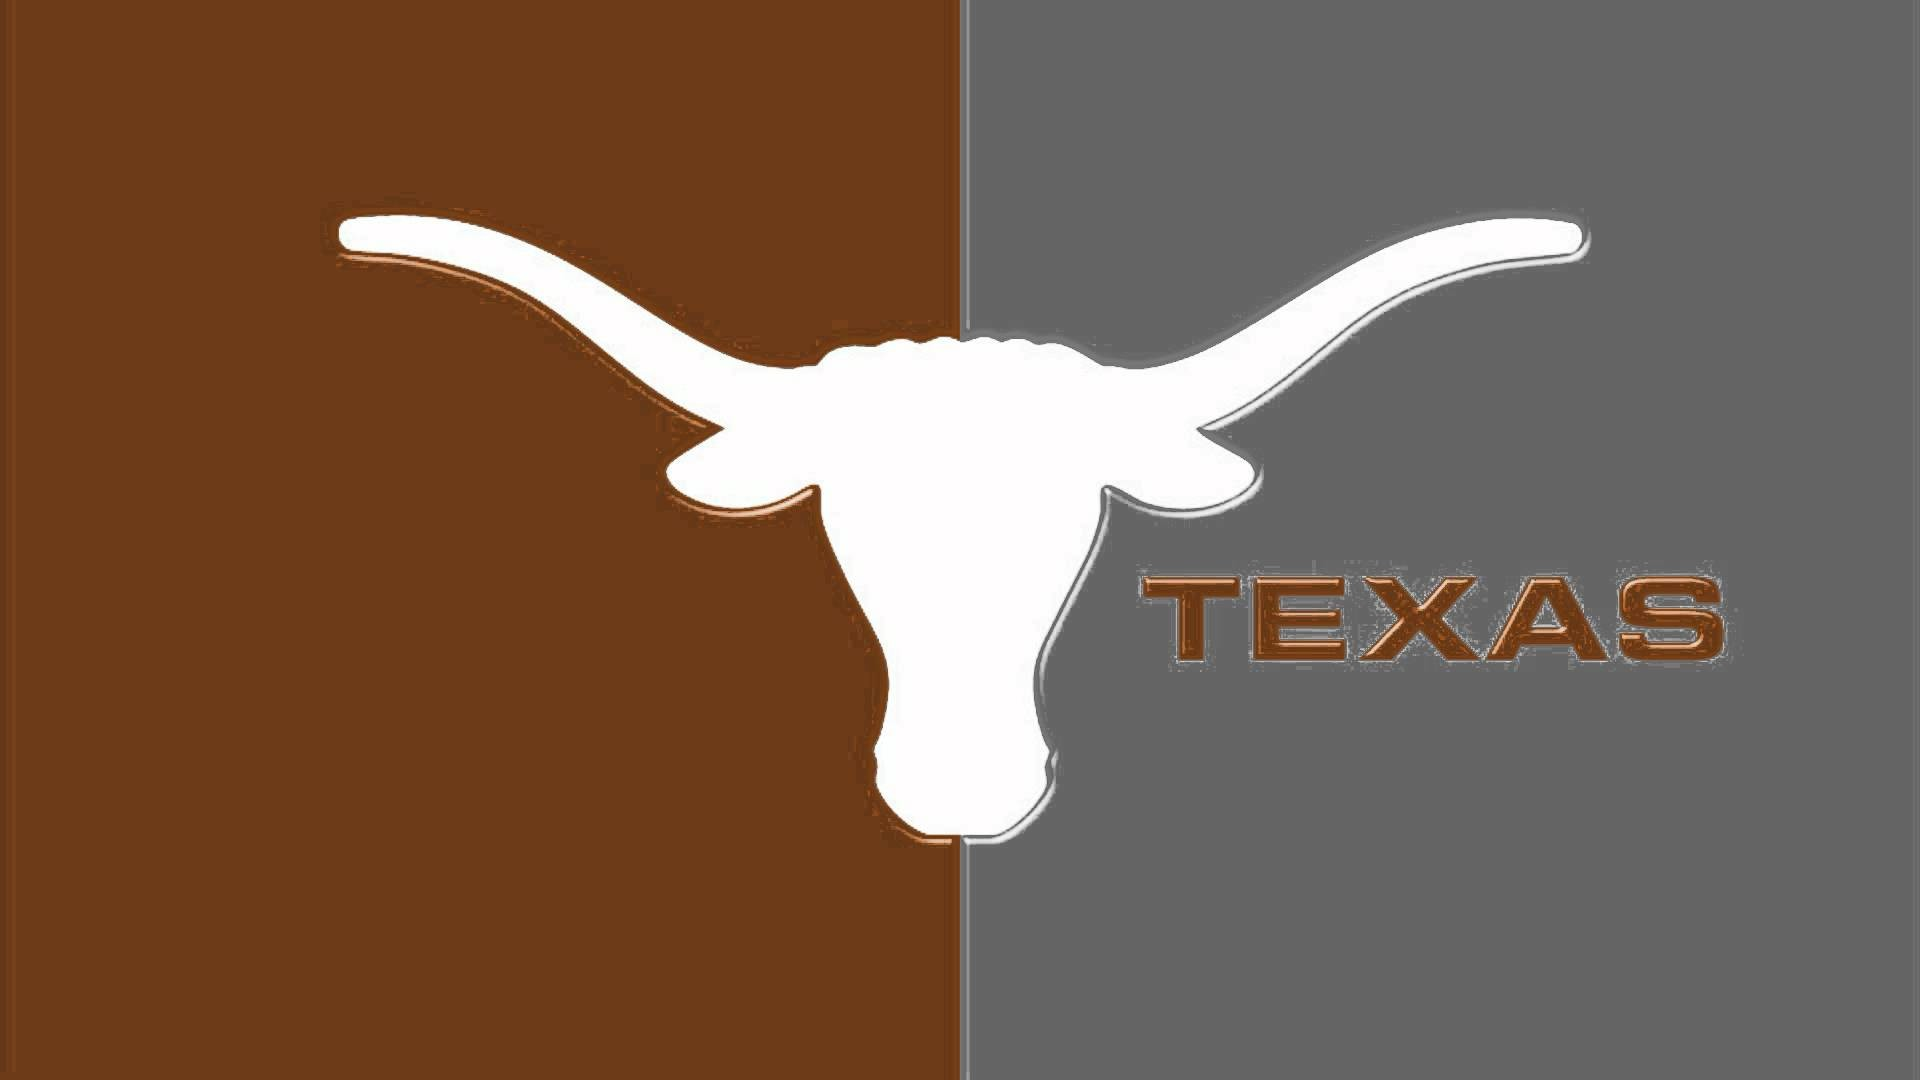 Texas Longhorns Wallpaper Texas Longhorns 3271951 Hd Wallpaper Backgrounds Download